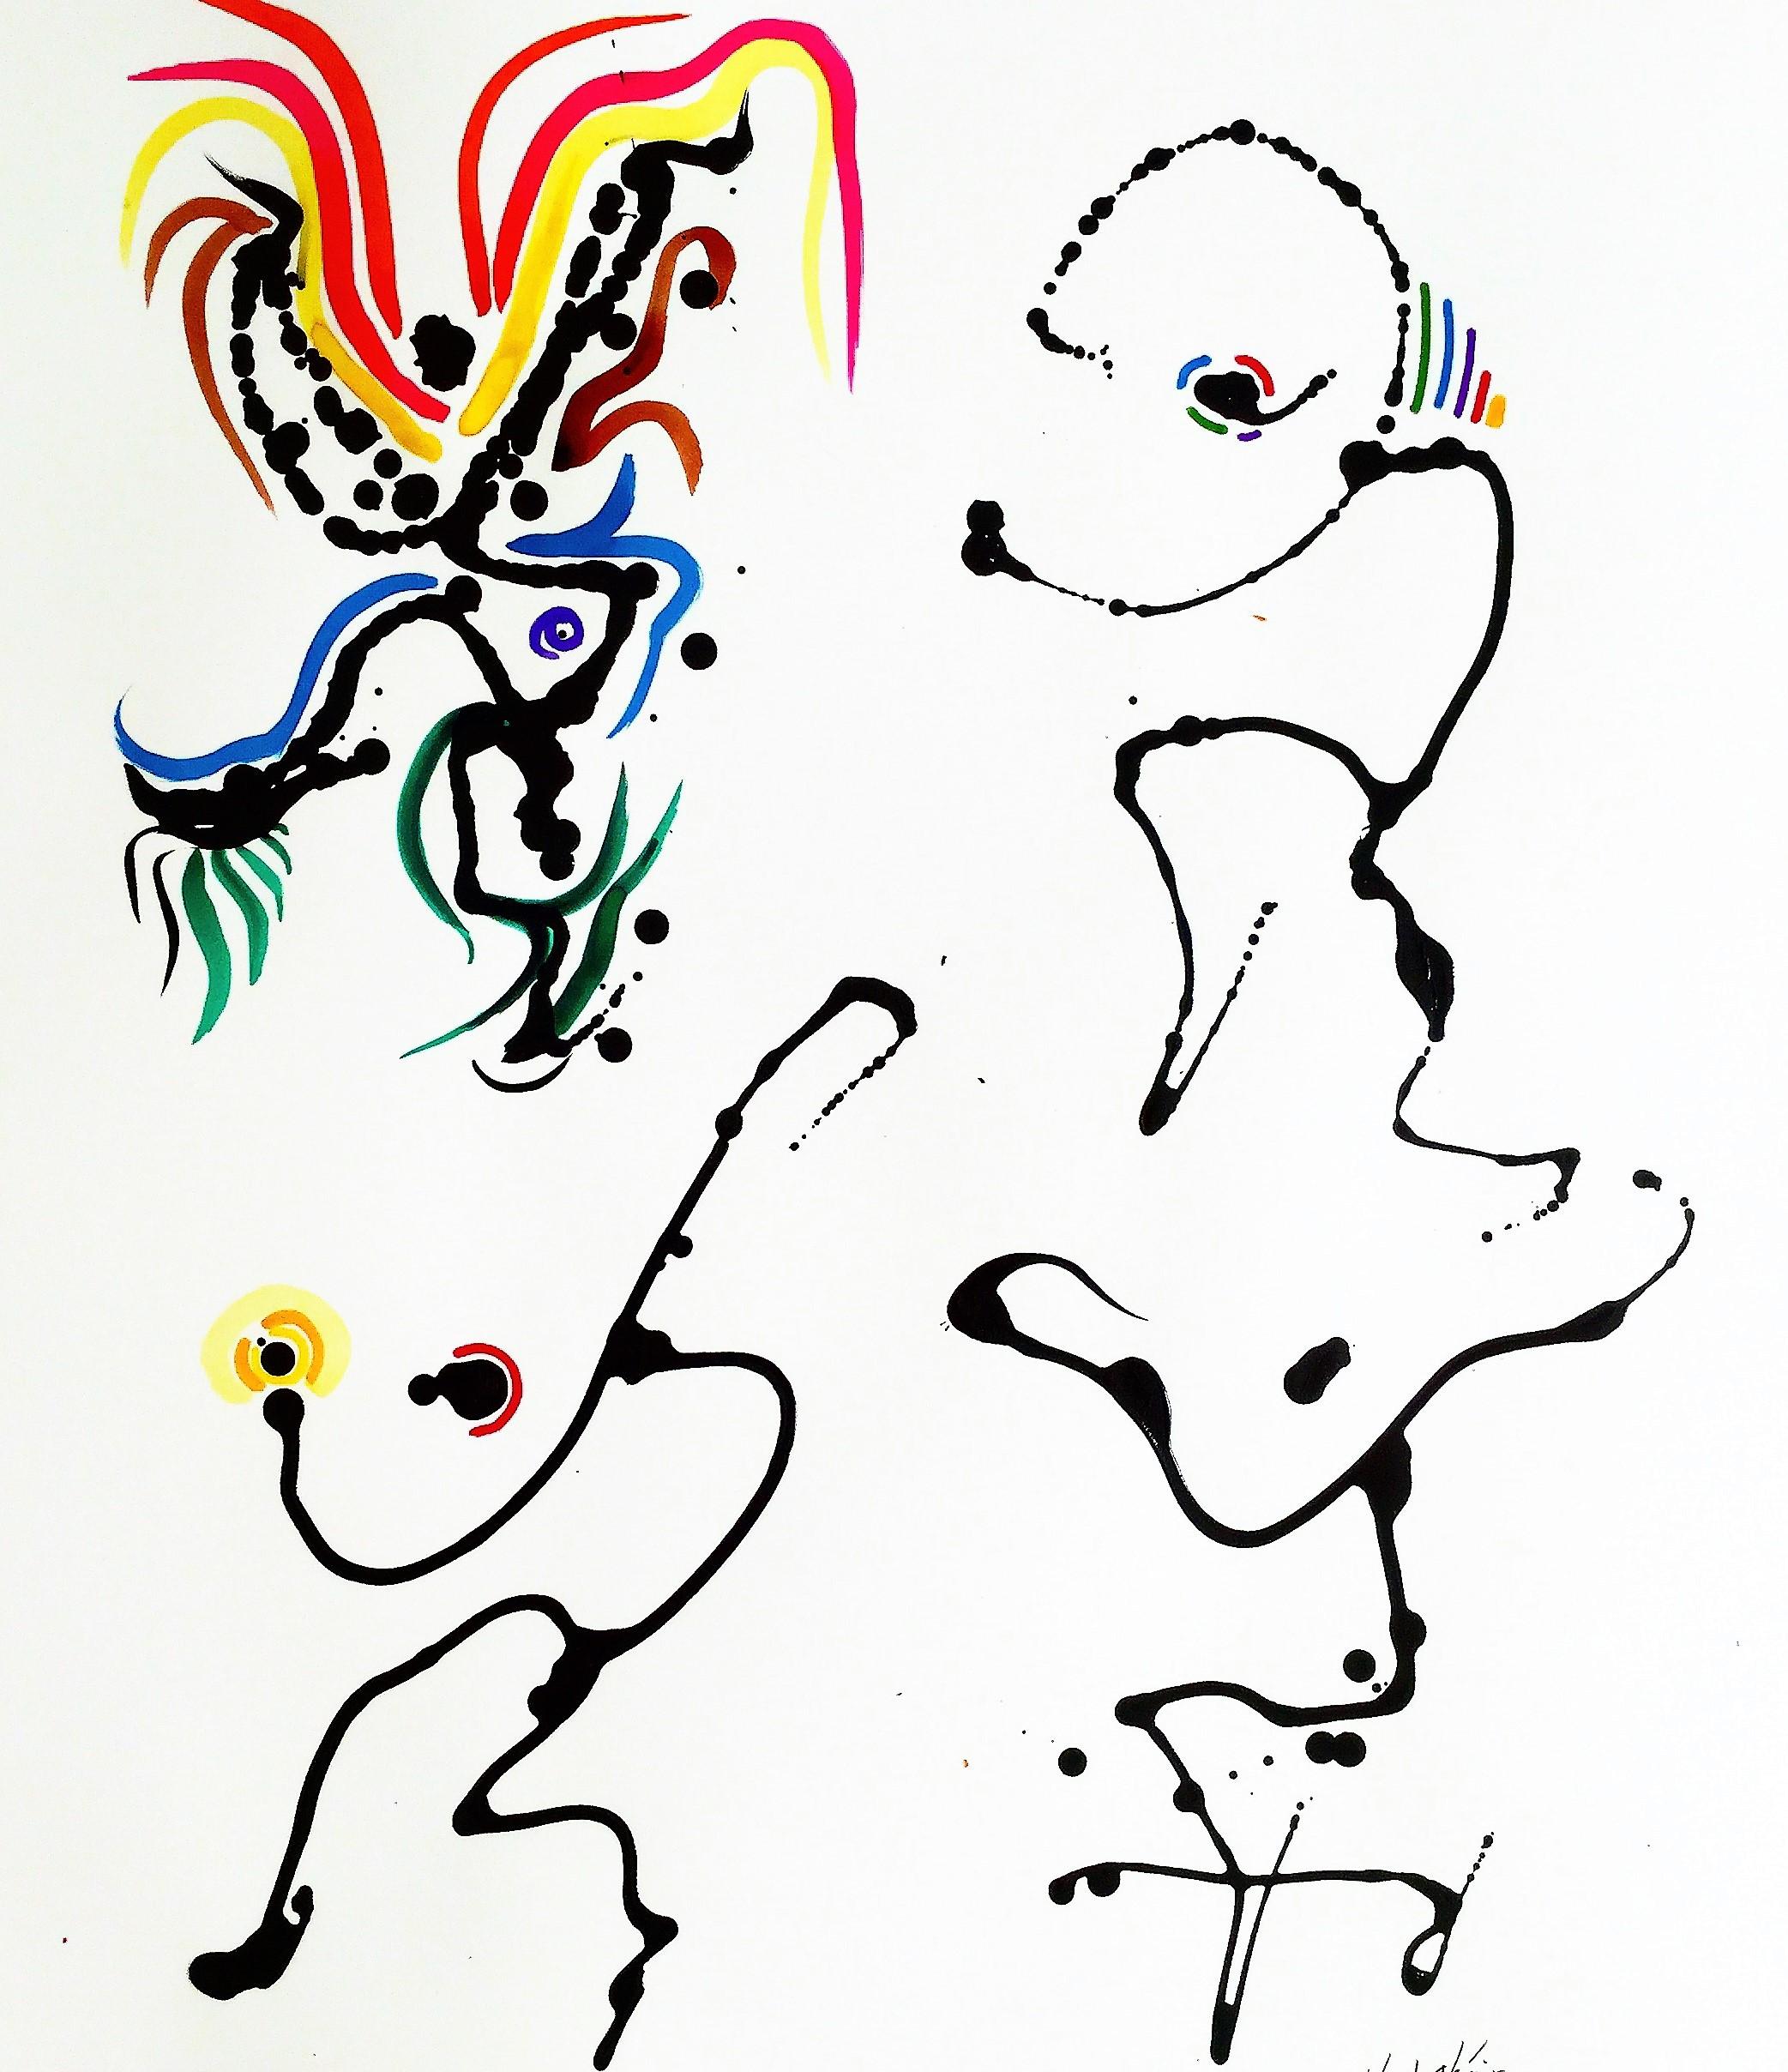 5_Dancers - ink callidroptik - 23 in x 29 in